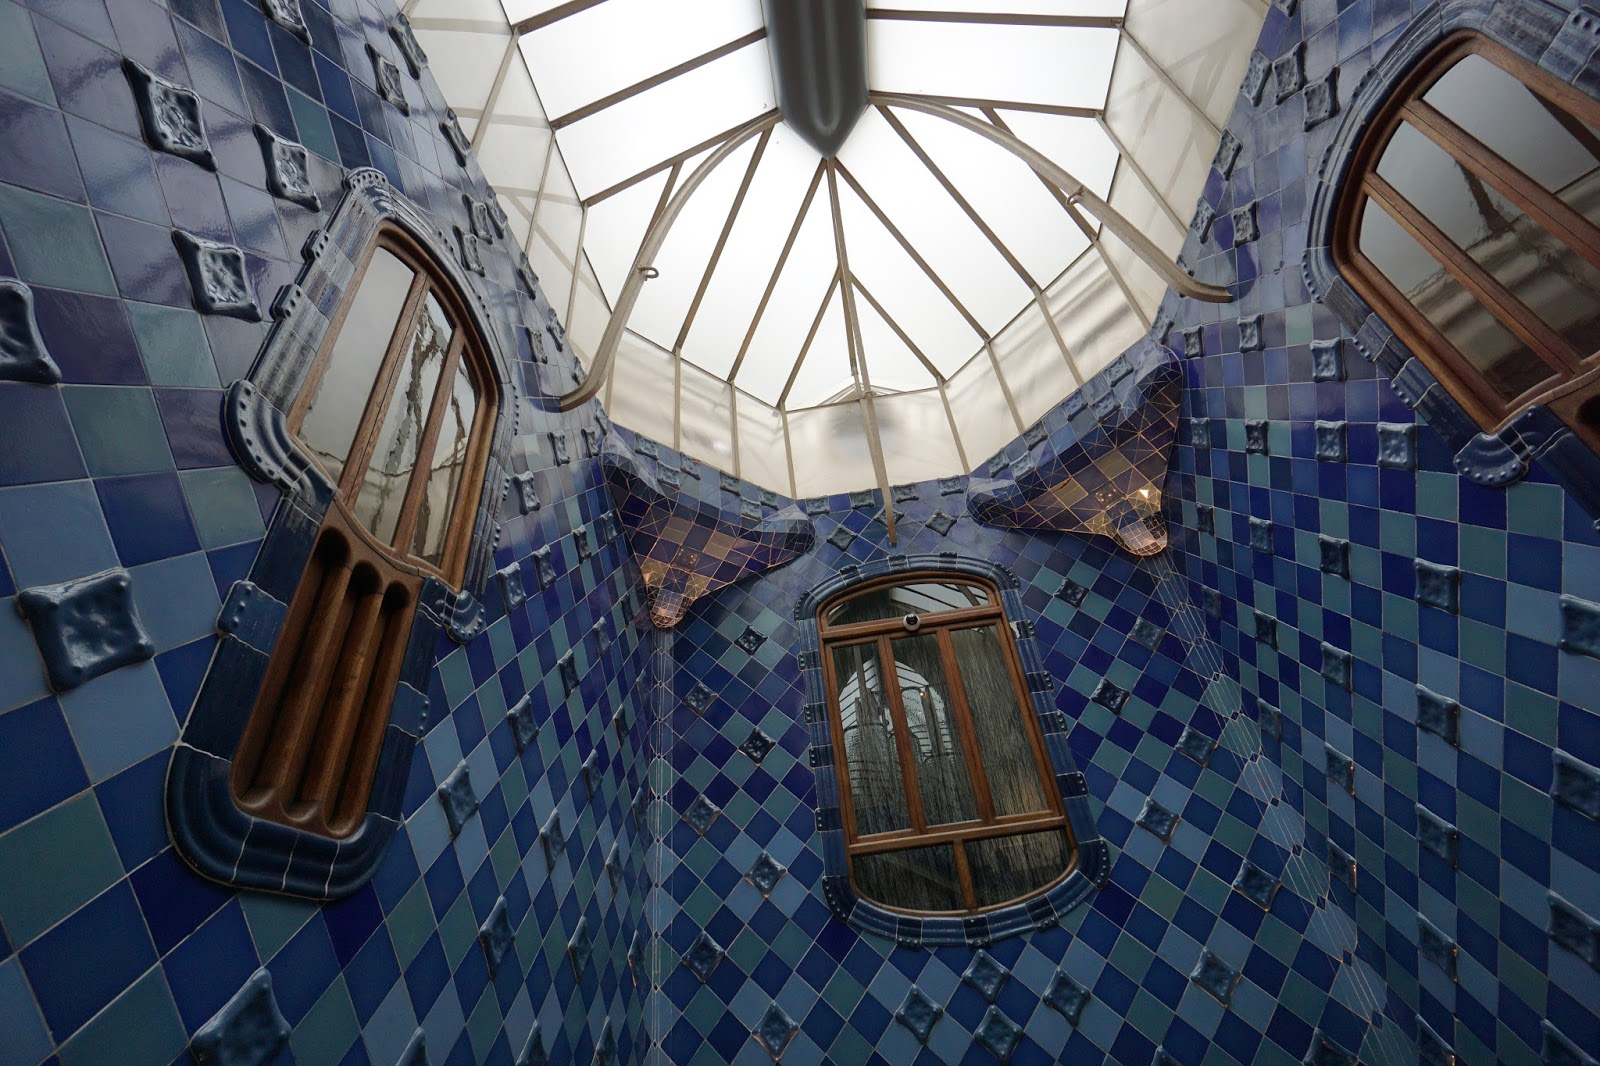 カサ・バトリョ(Casa Batlló) 吹き抜け部分の上部